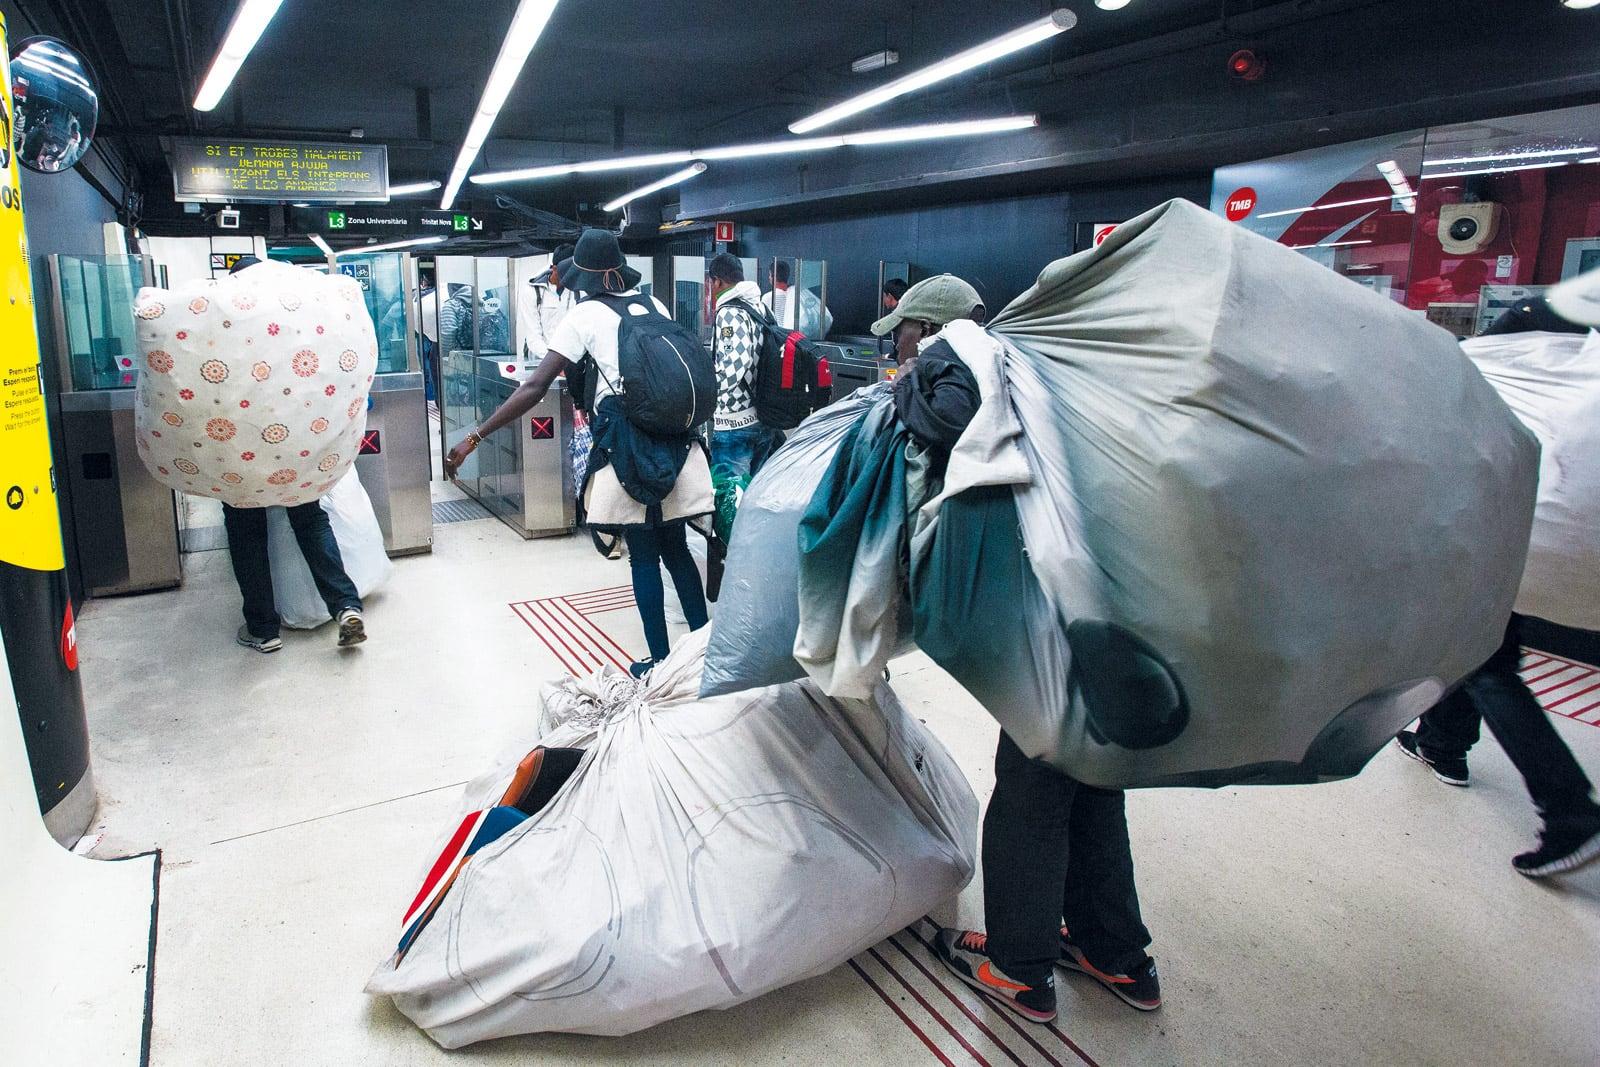 Manters marxant de la Guàrdia Urbana al metro de Drassanes. ©Ferran Nadeu